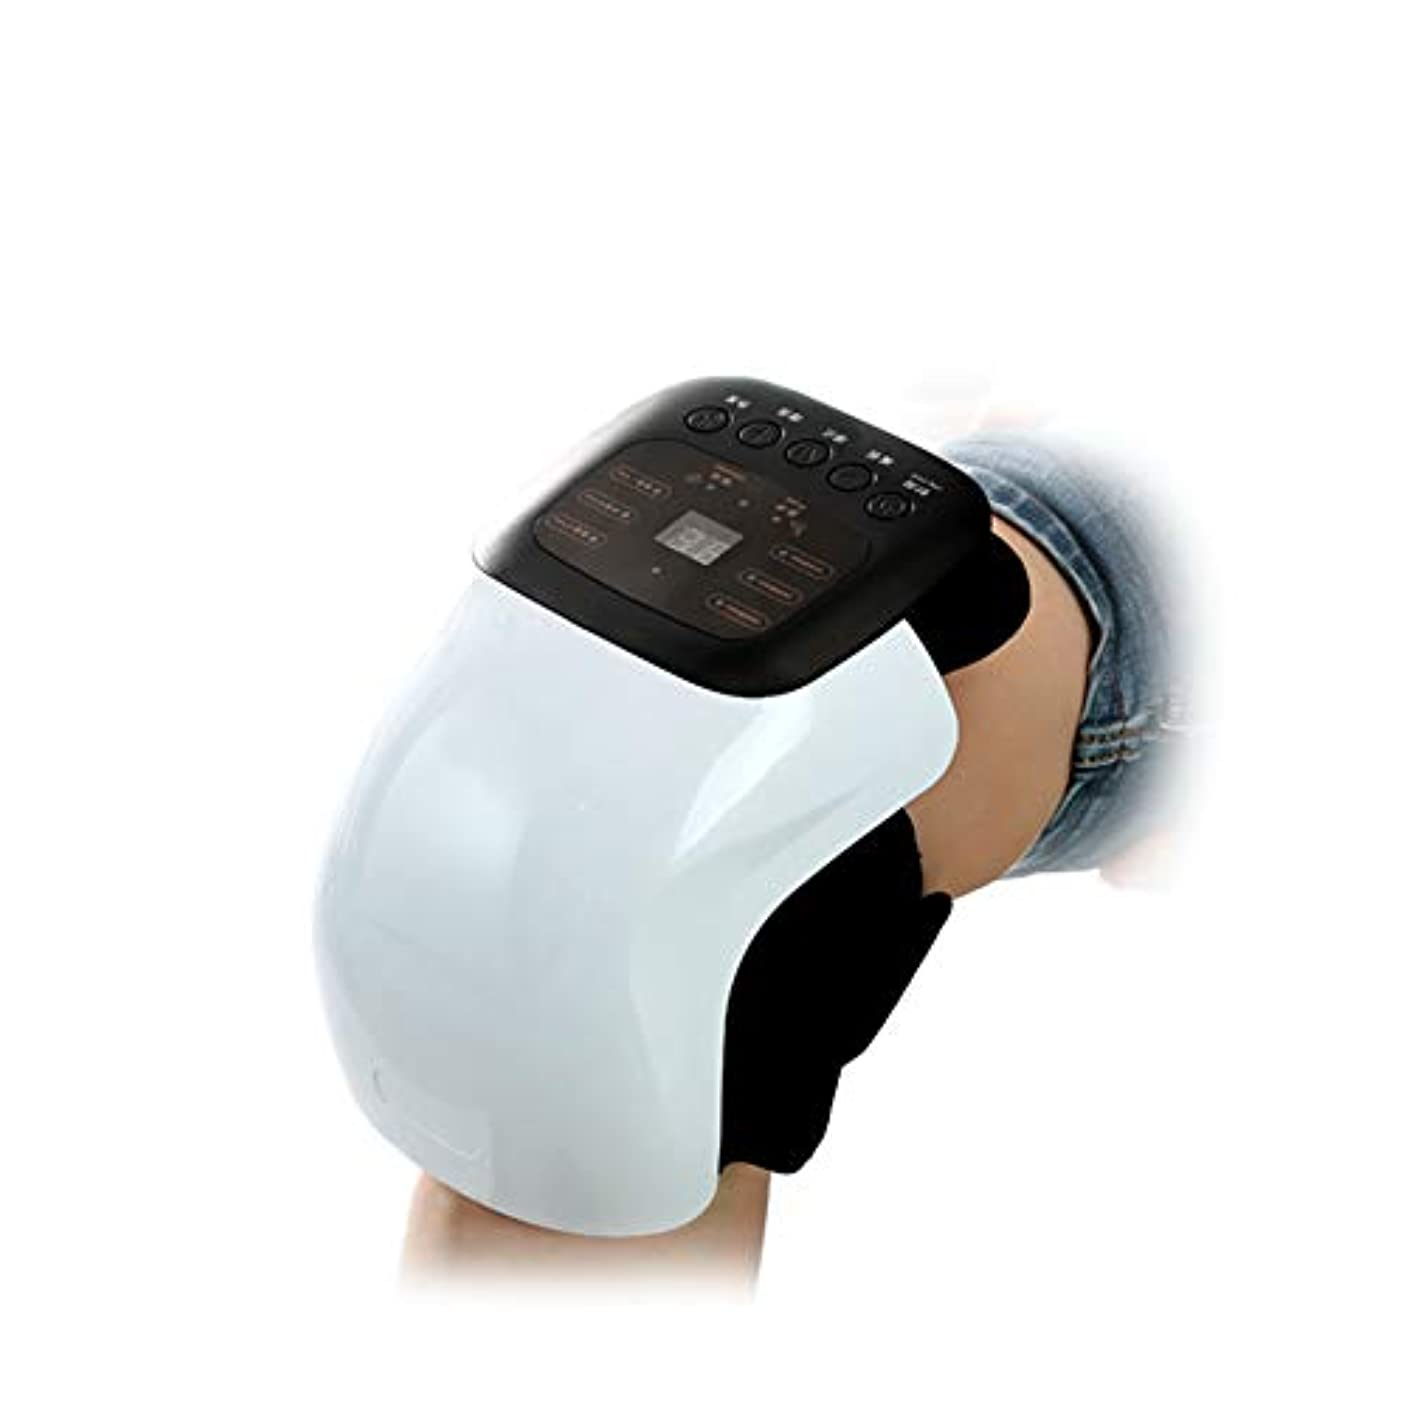 インスタントマウス霧深い変形性関節症リウマチ関節炎、電気痛緩和ケア用品のためのパルス、振動、加熱を伴うスマートニー理学療法マッサージ器